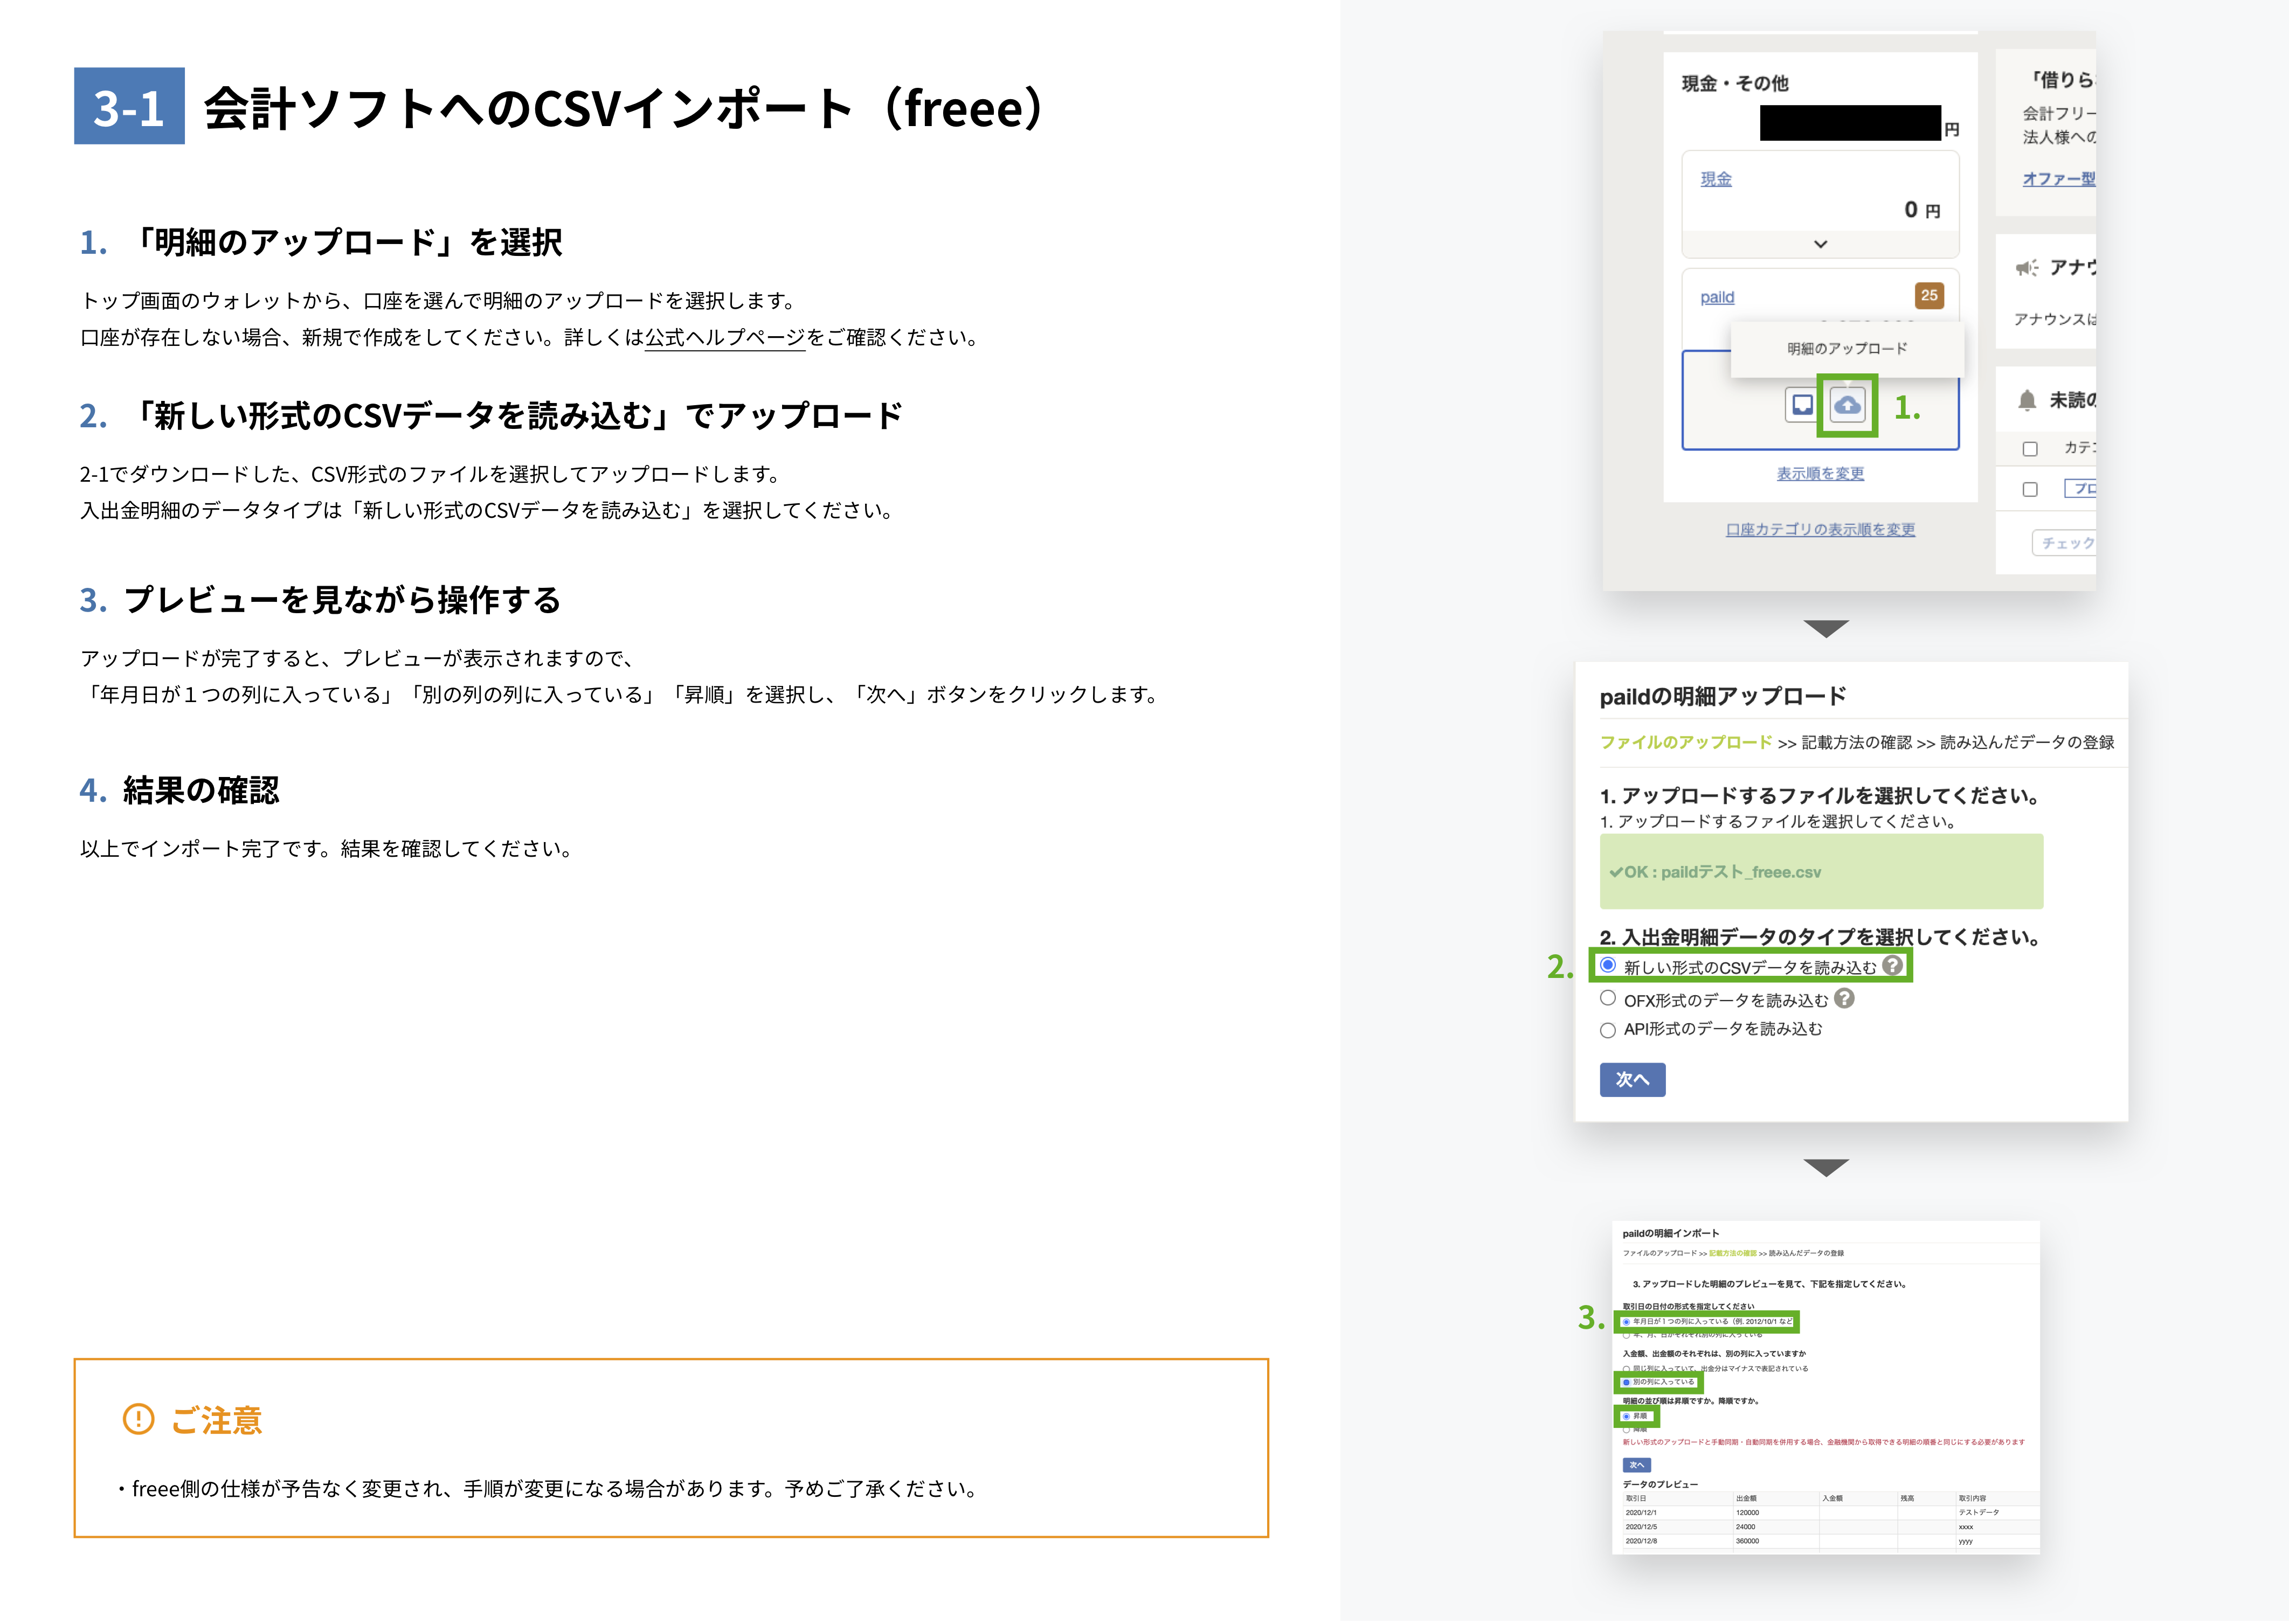 会計ソフト連携方法(freee)